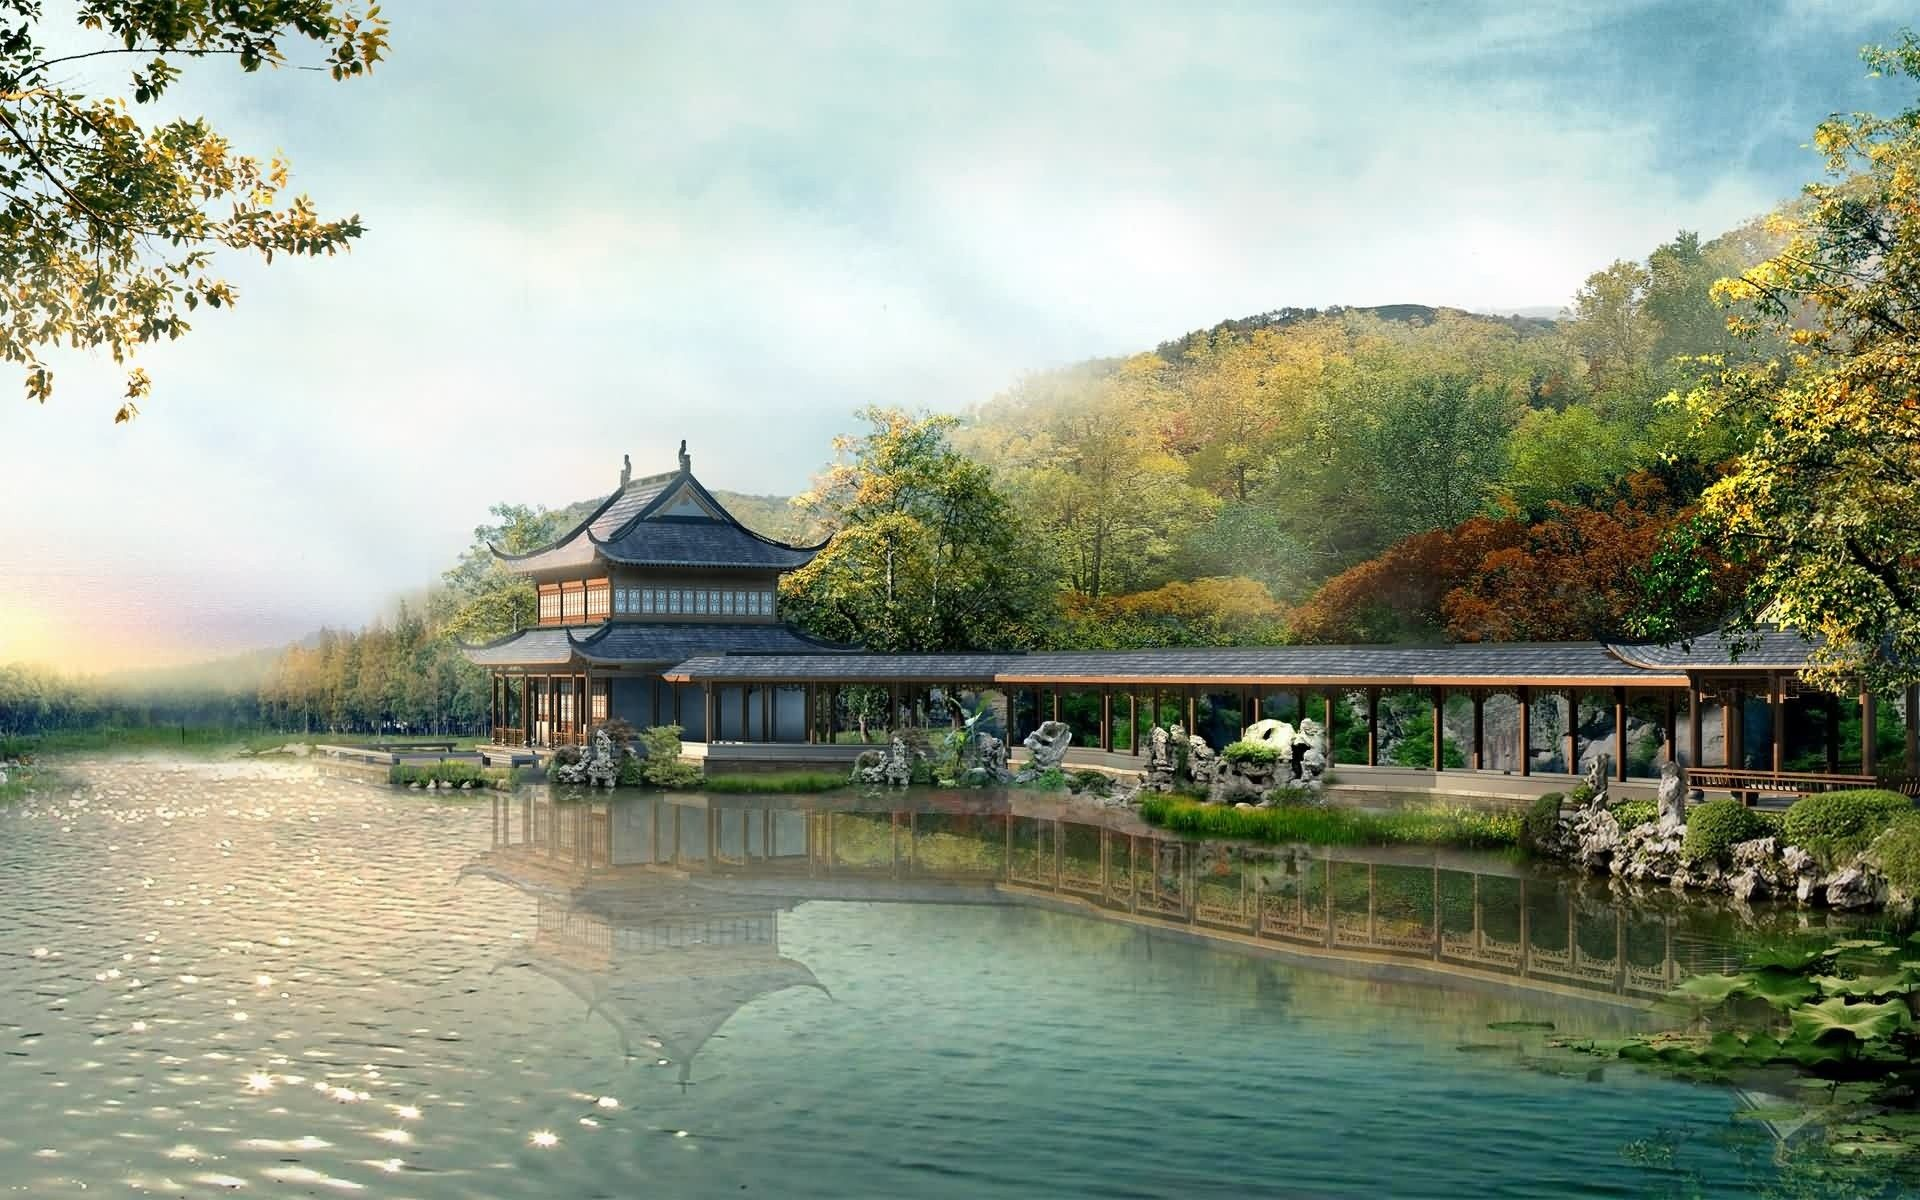 High Definition Japanese Village Wallpaper Chinesische Landschaft Hintergrund Landschaft Naturfotografie